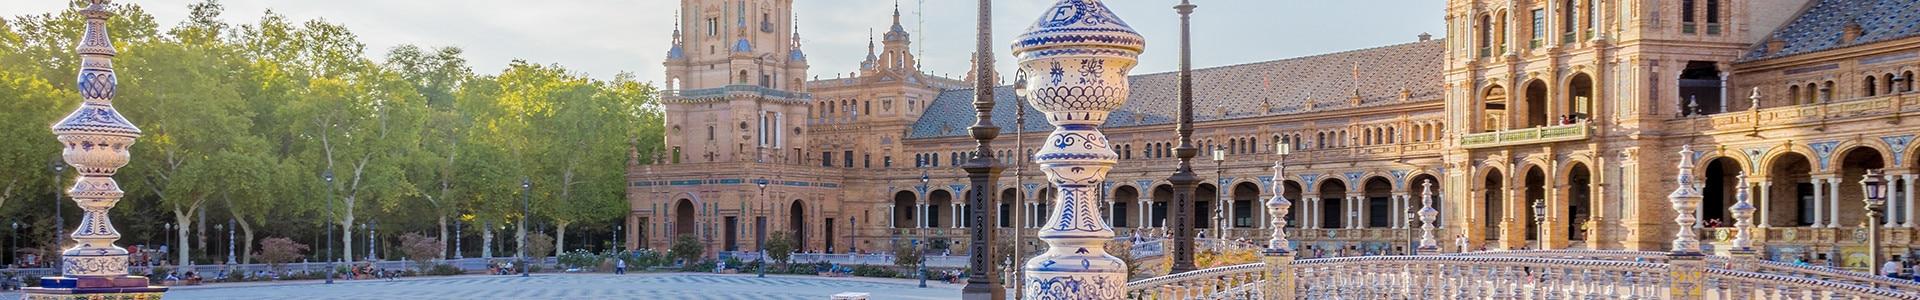 Vol Séville - TUI